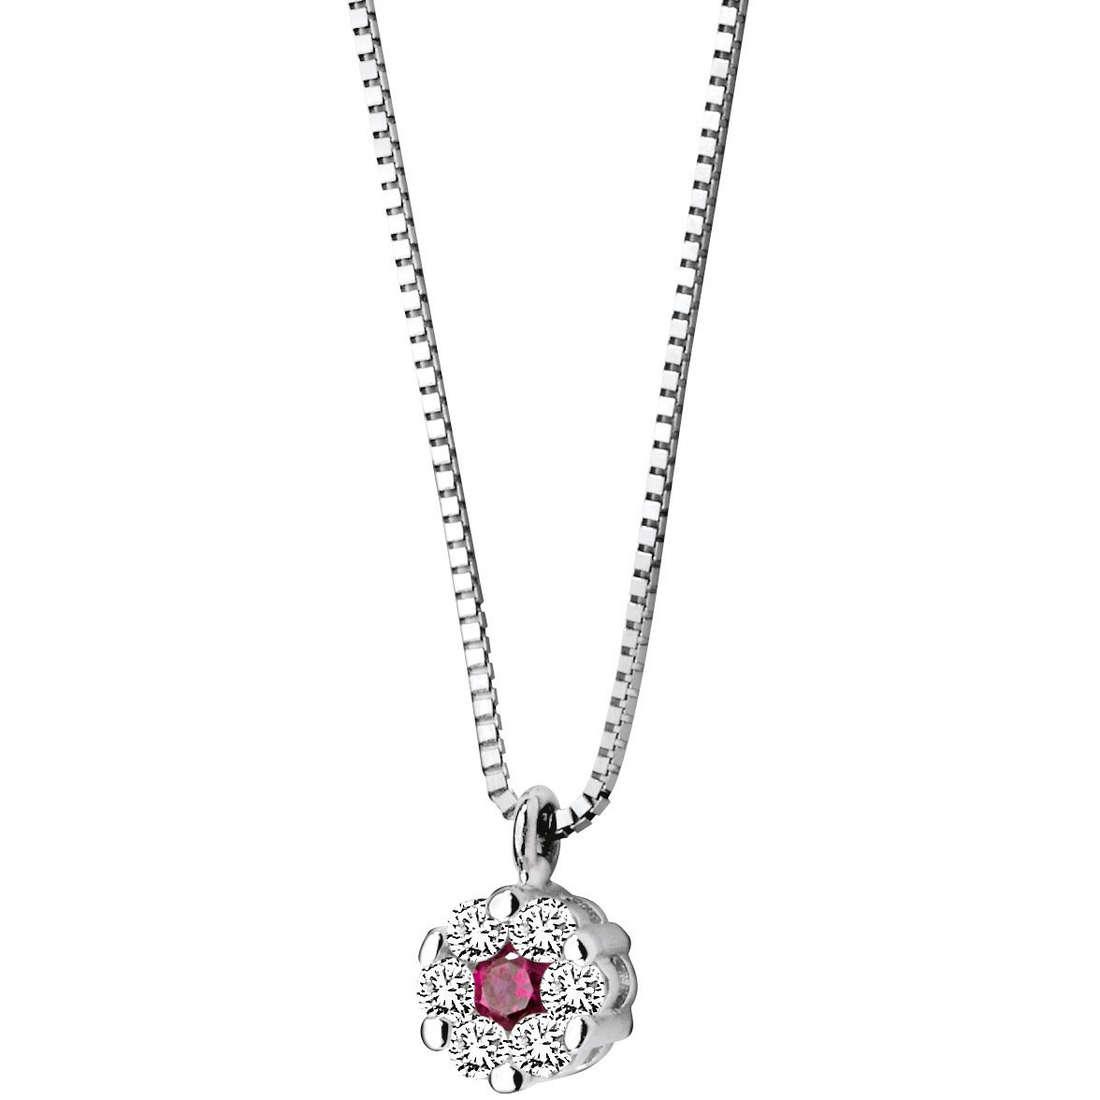 collana donna gioielli Comete Pietre preziose colorate GLB 625